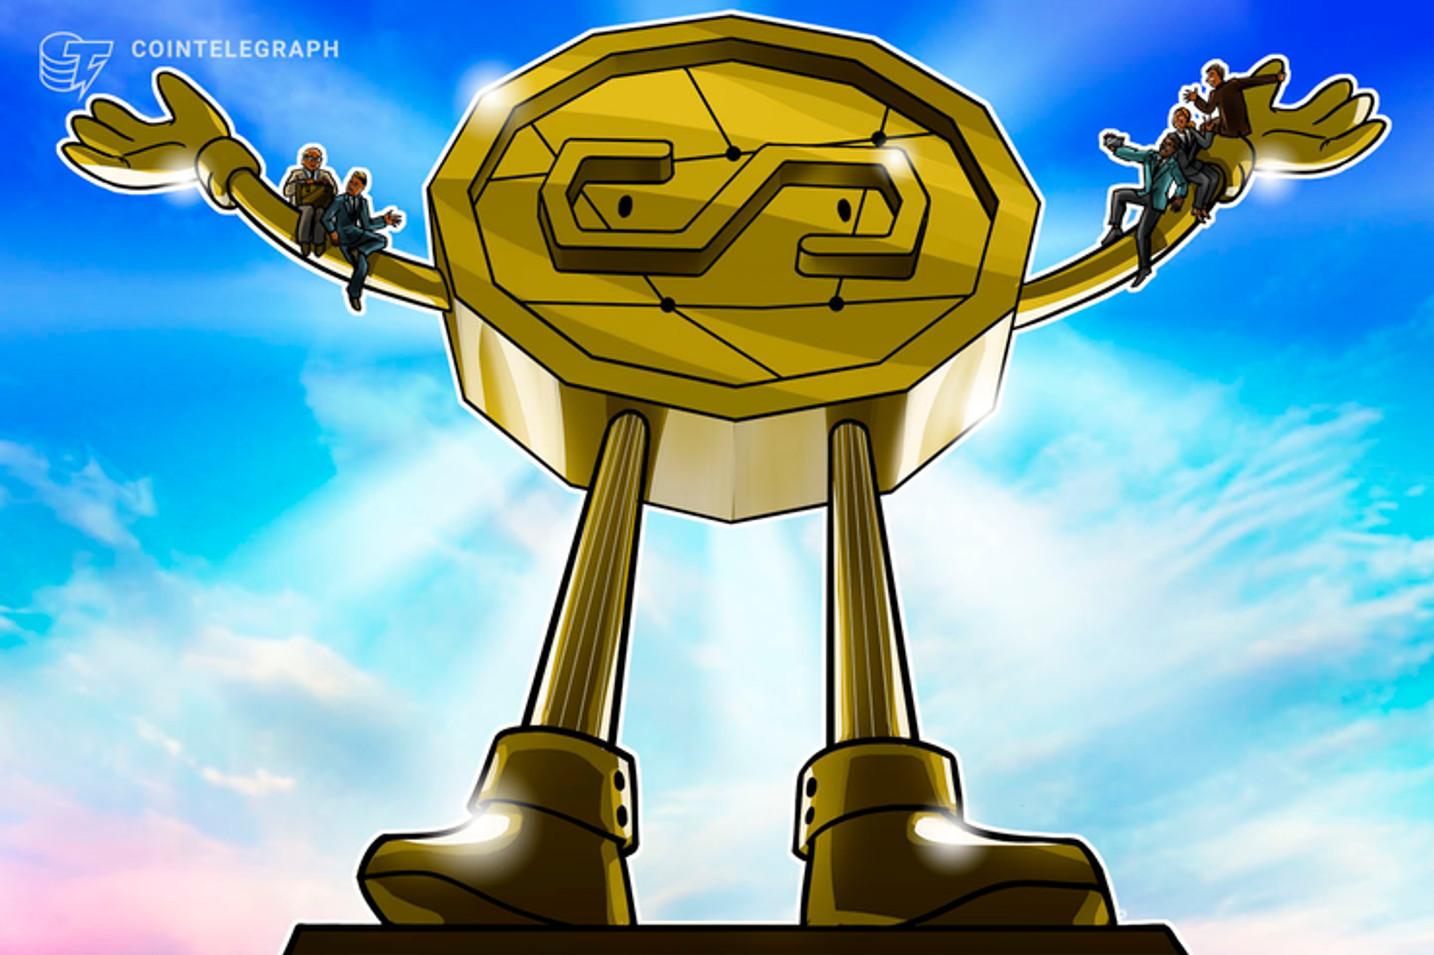 Bitcoin surpreende em sobe mais de 8% levando preço acima de US$ 7 mil novamente